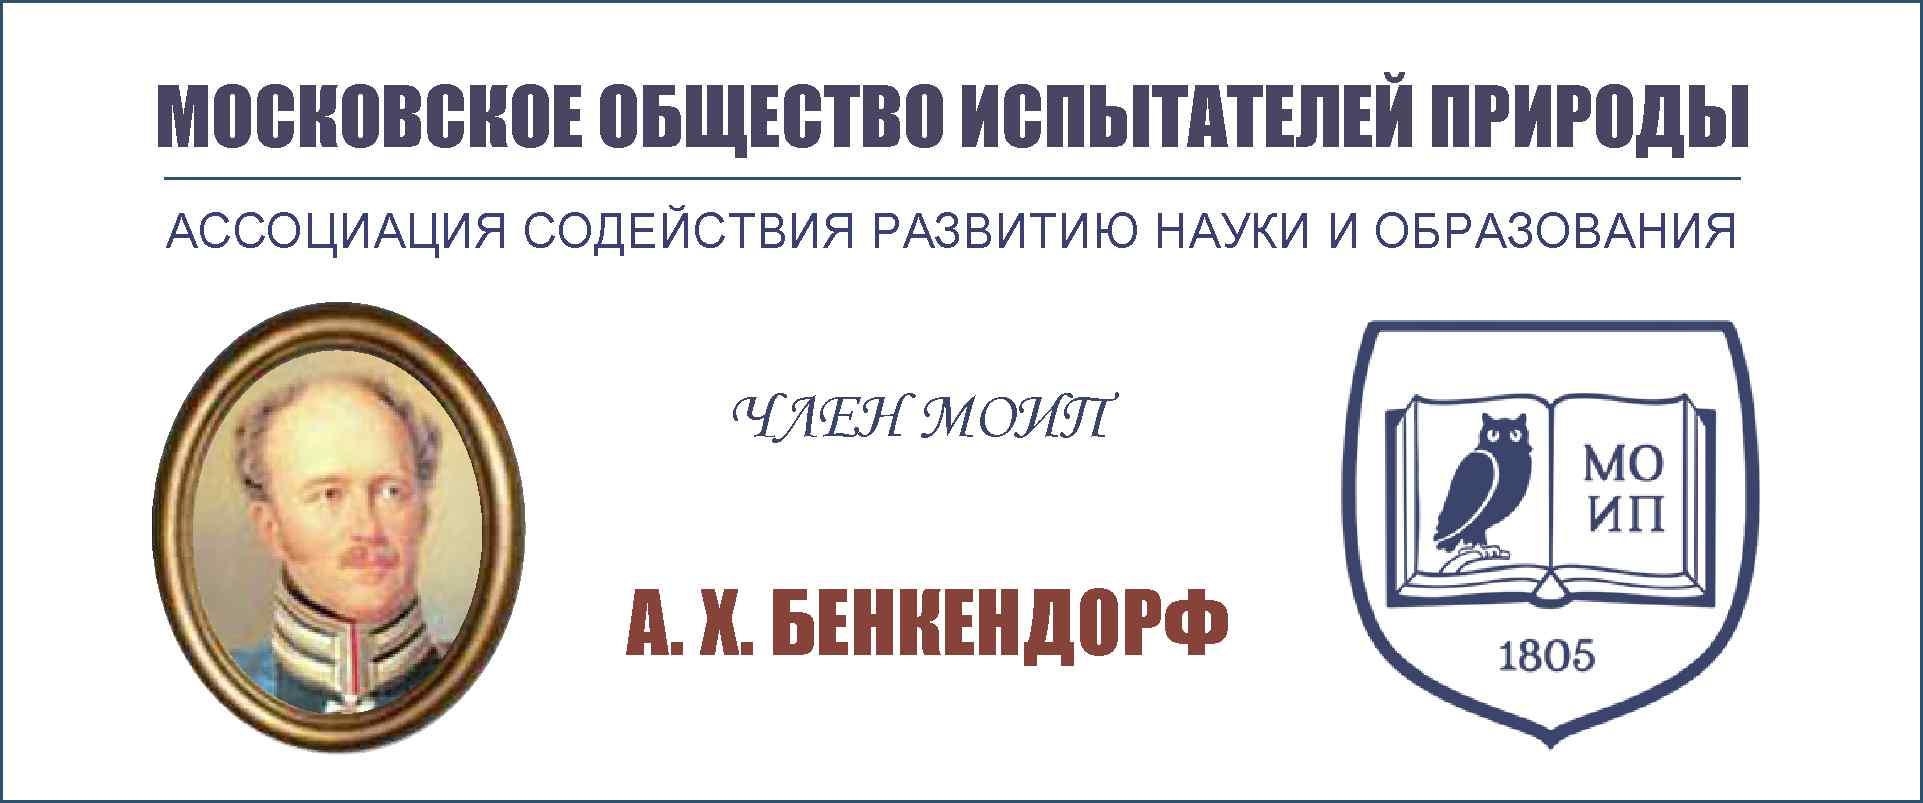 ГРАФ  А. Х. БЕНКЕНДОРФ – ЧЛЕН МОИП